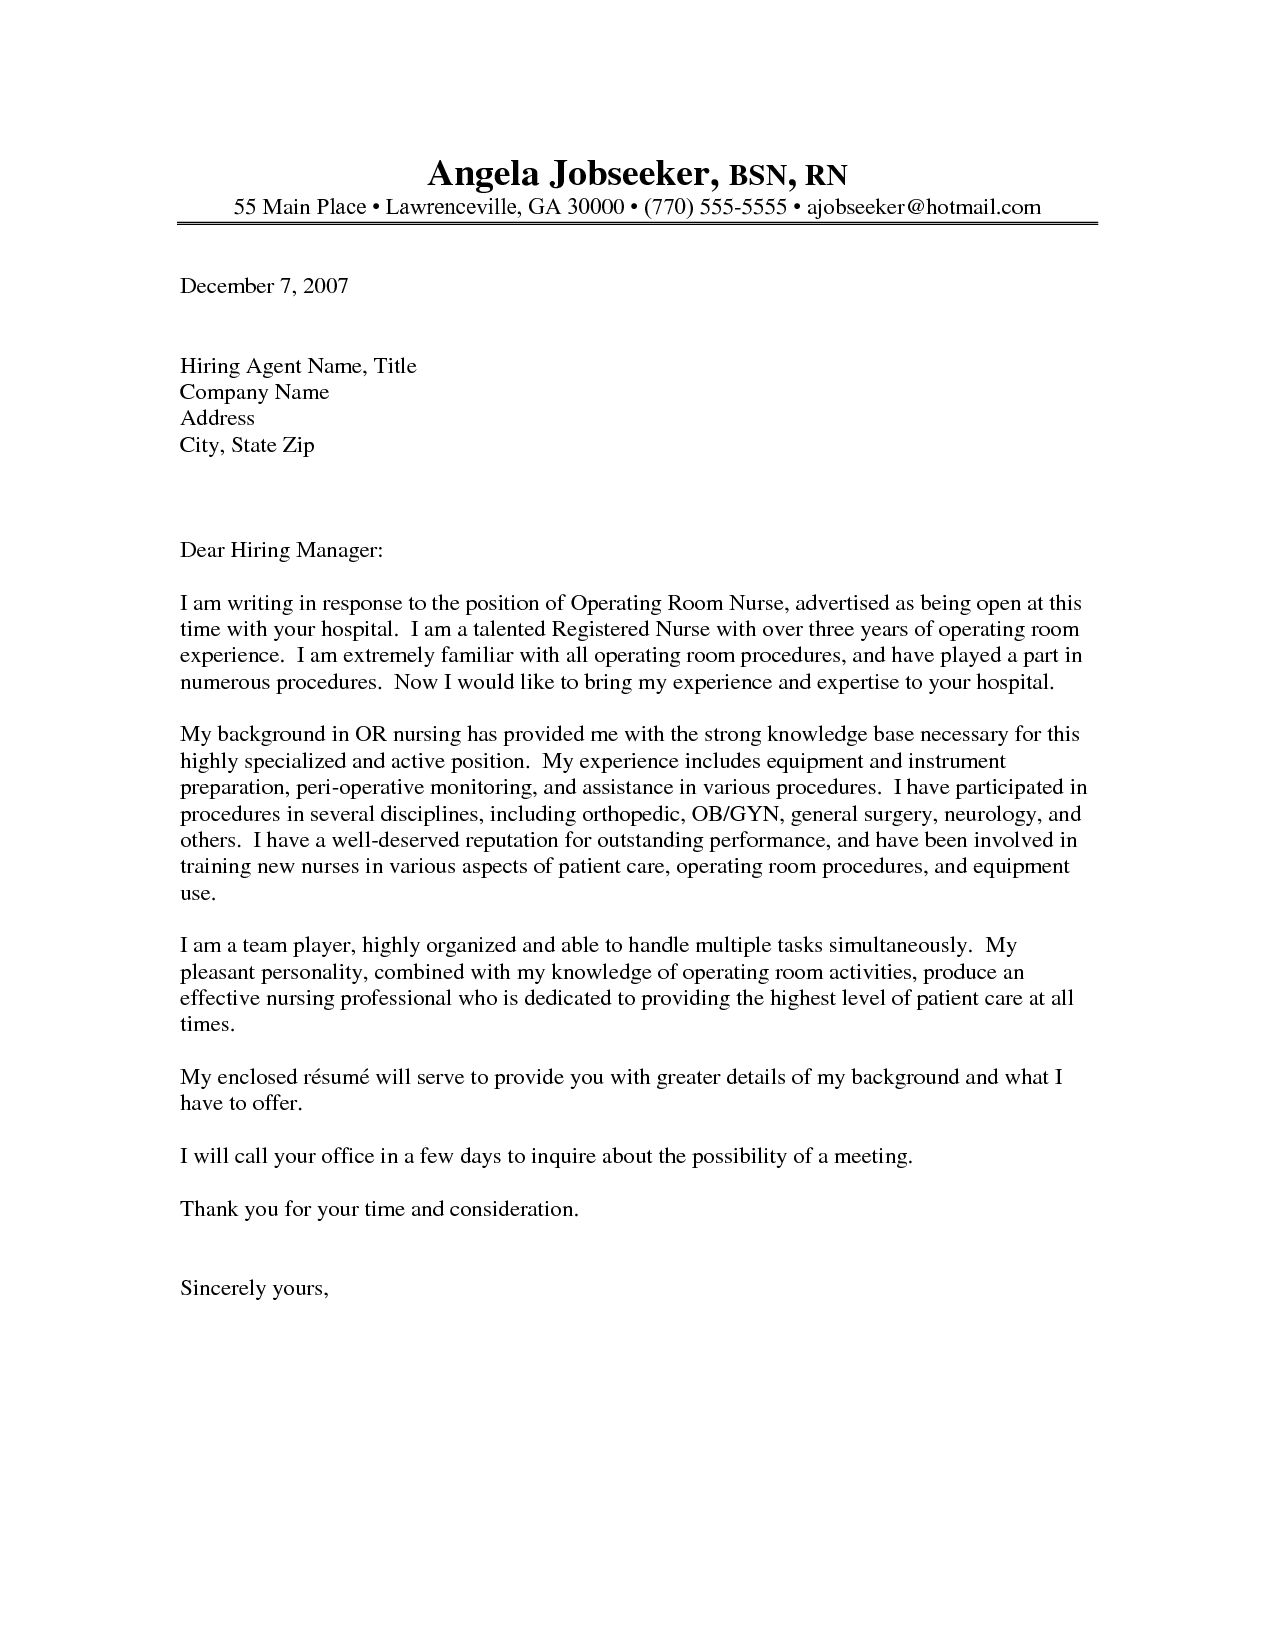 27 Nursing Resume Cover Letter Resume Cover Letter Examples Good Cover Letter Examples Cover Letter For Resume